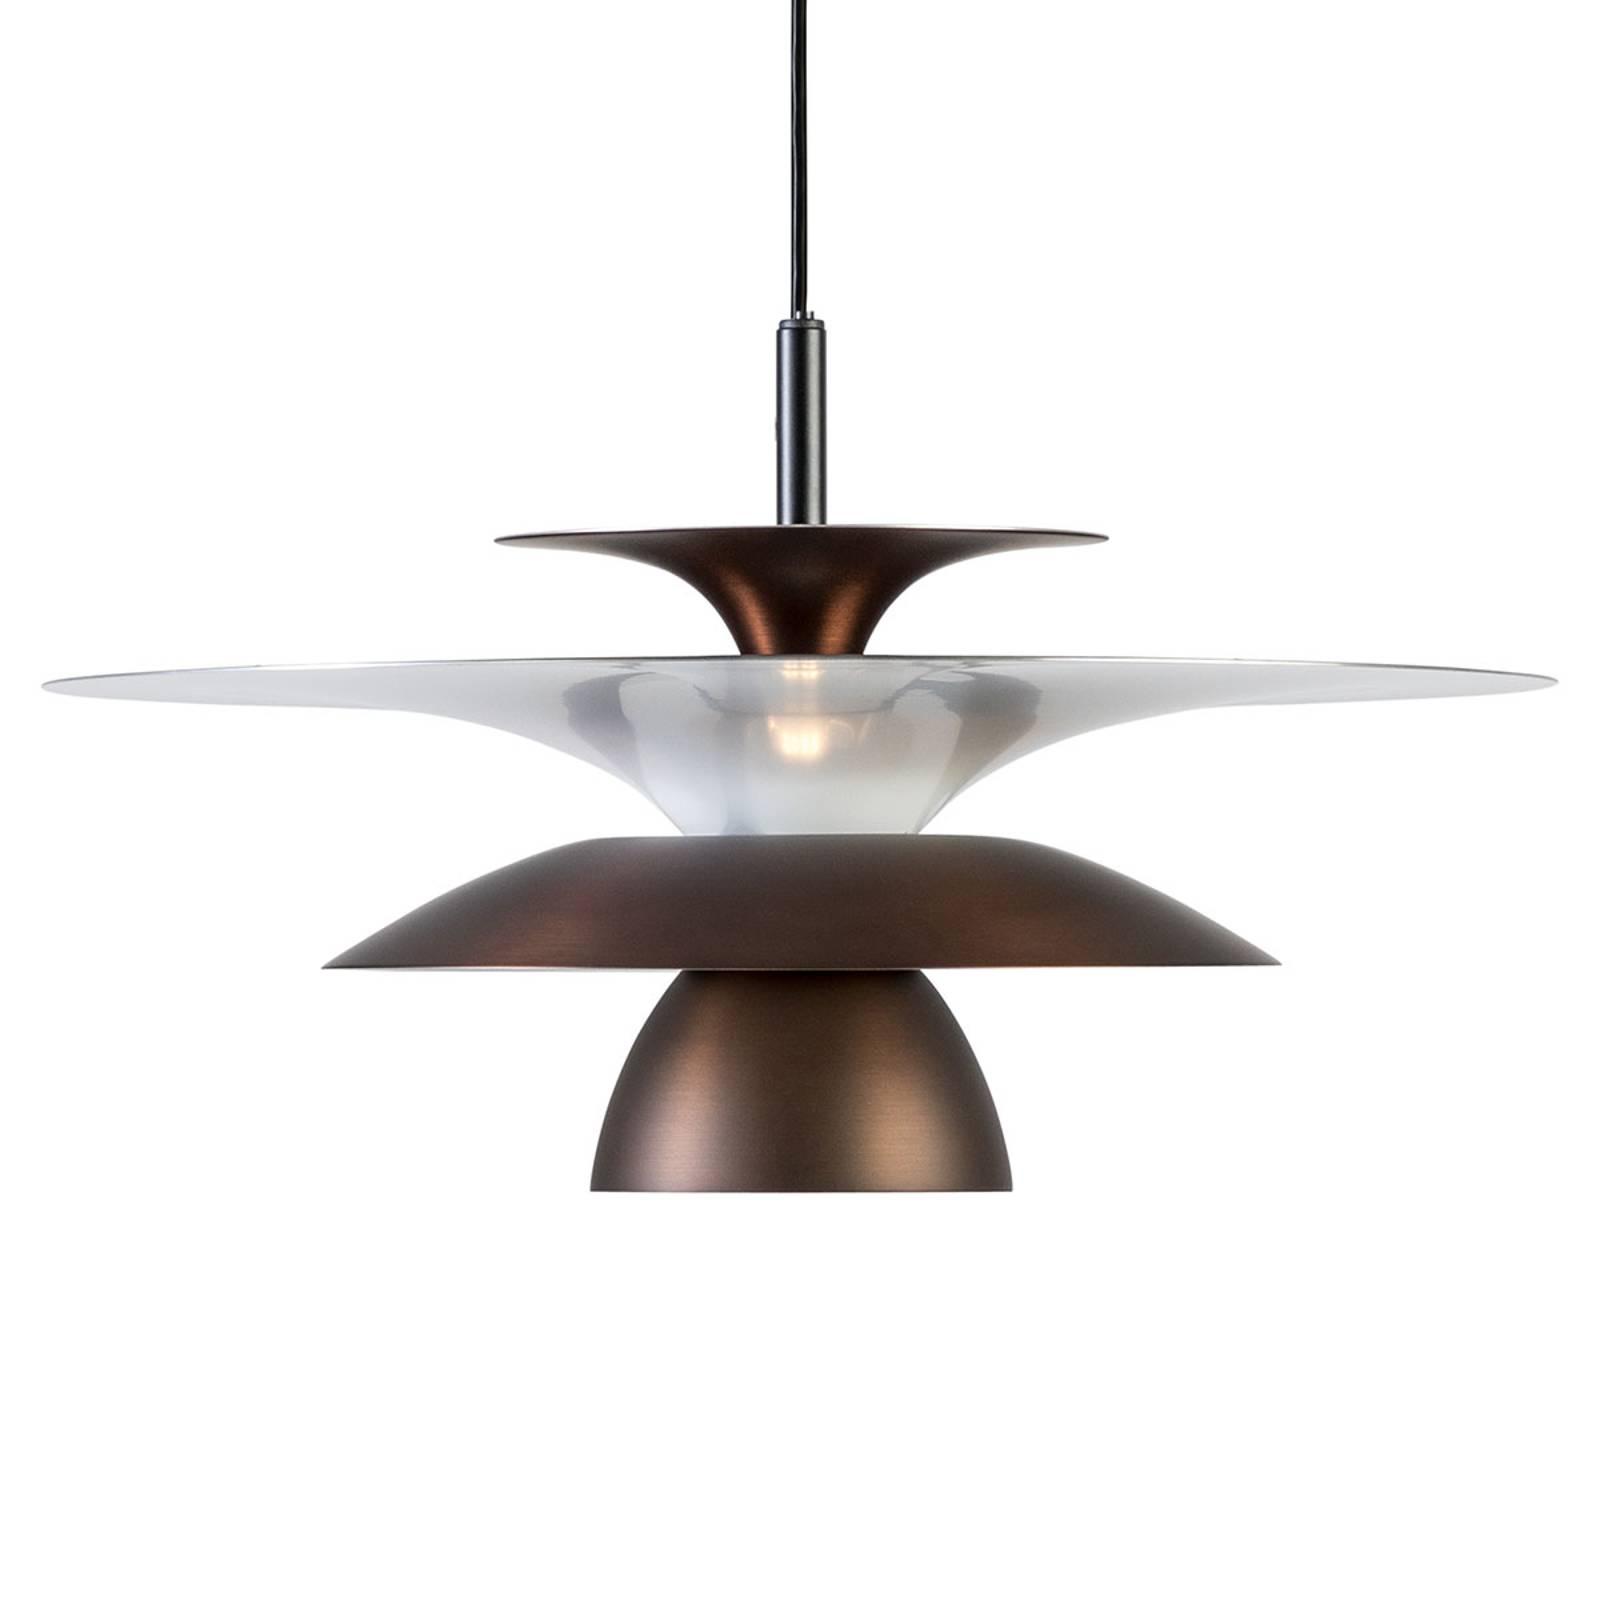 LED hanglamp Picasso 1-lamp, Ø 38 cm, oxidebruin